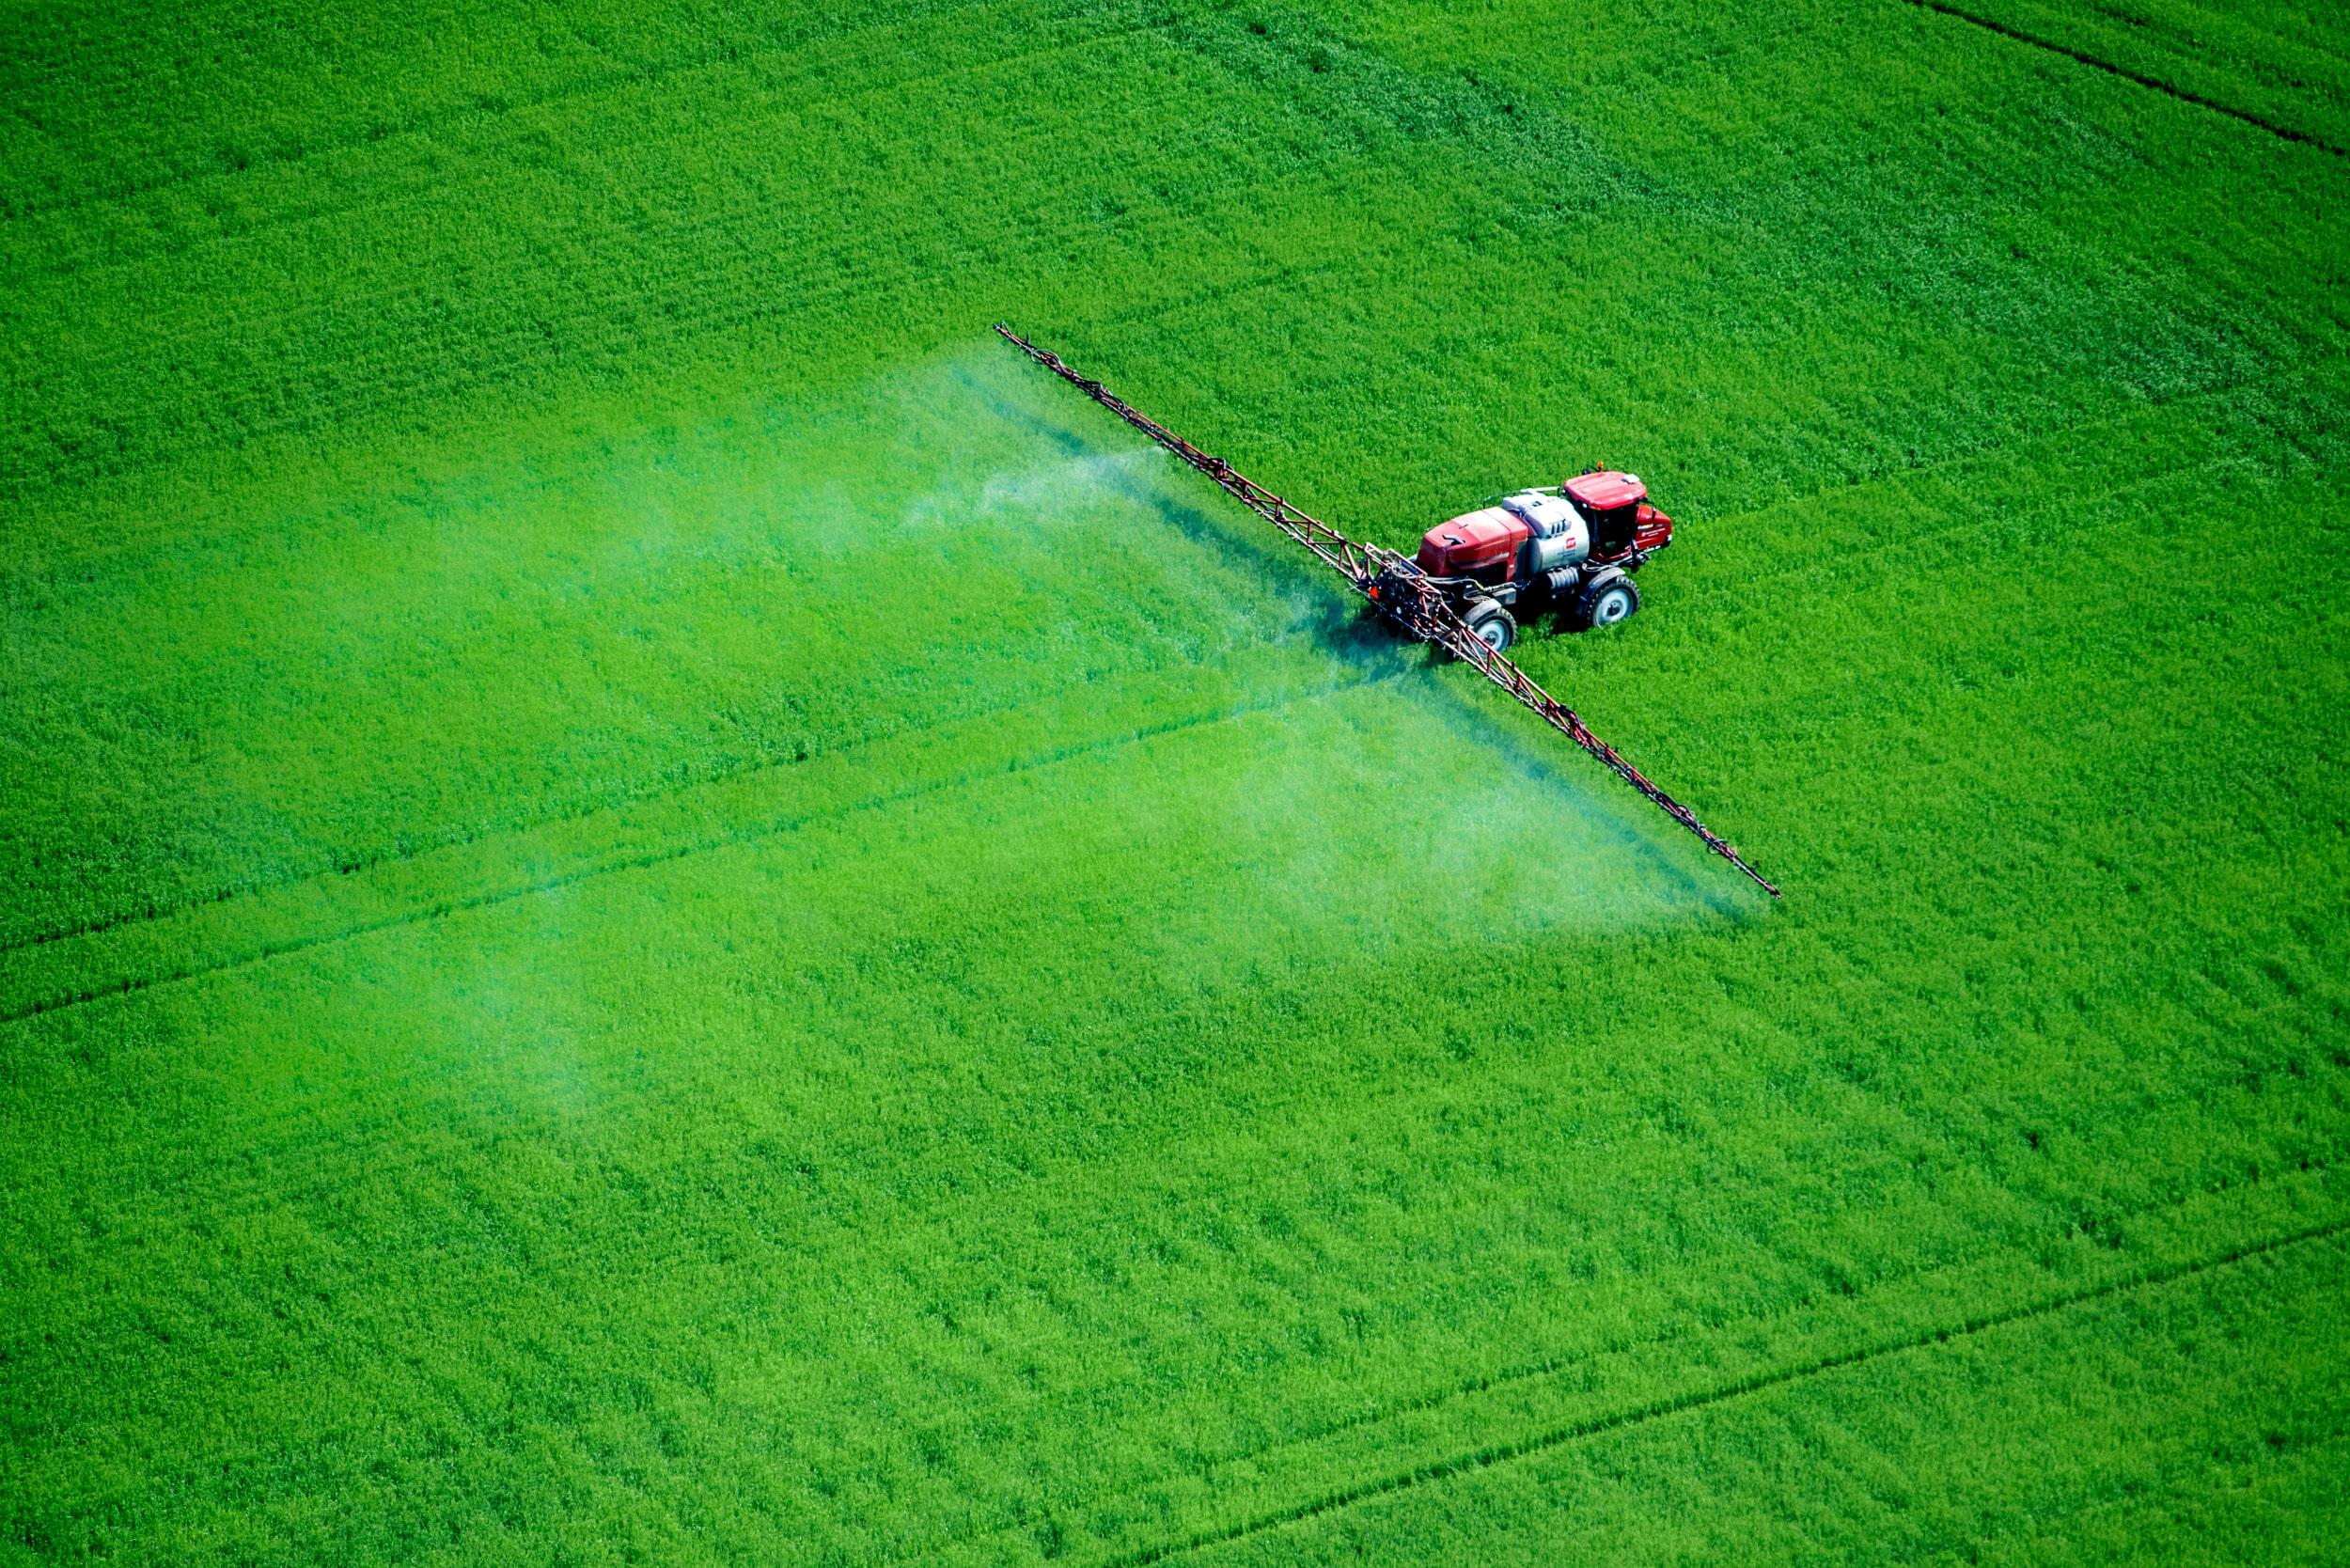 Pestisitler hasara ve ekonomik kayba neden olan, hastalık bulaştıran veya üreten haşere hayvanlar ve böcekler, istenmeyen bitkiler veya mikroorganizmalar gibi canlı organizmaları hedef alır.